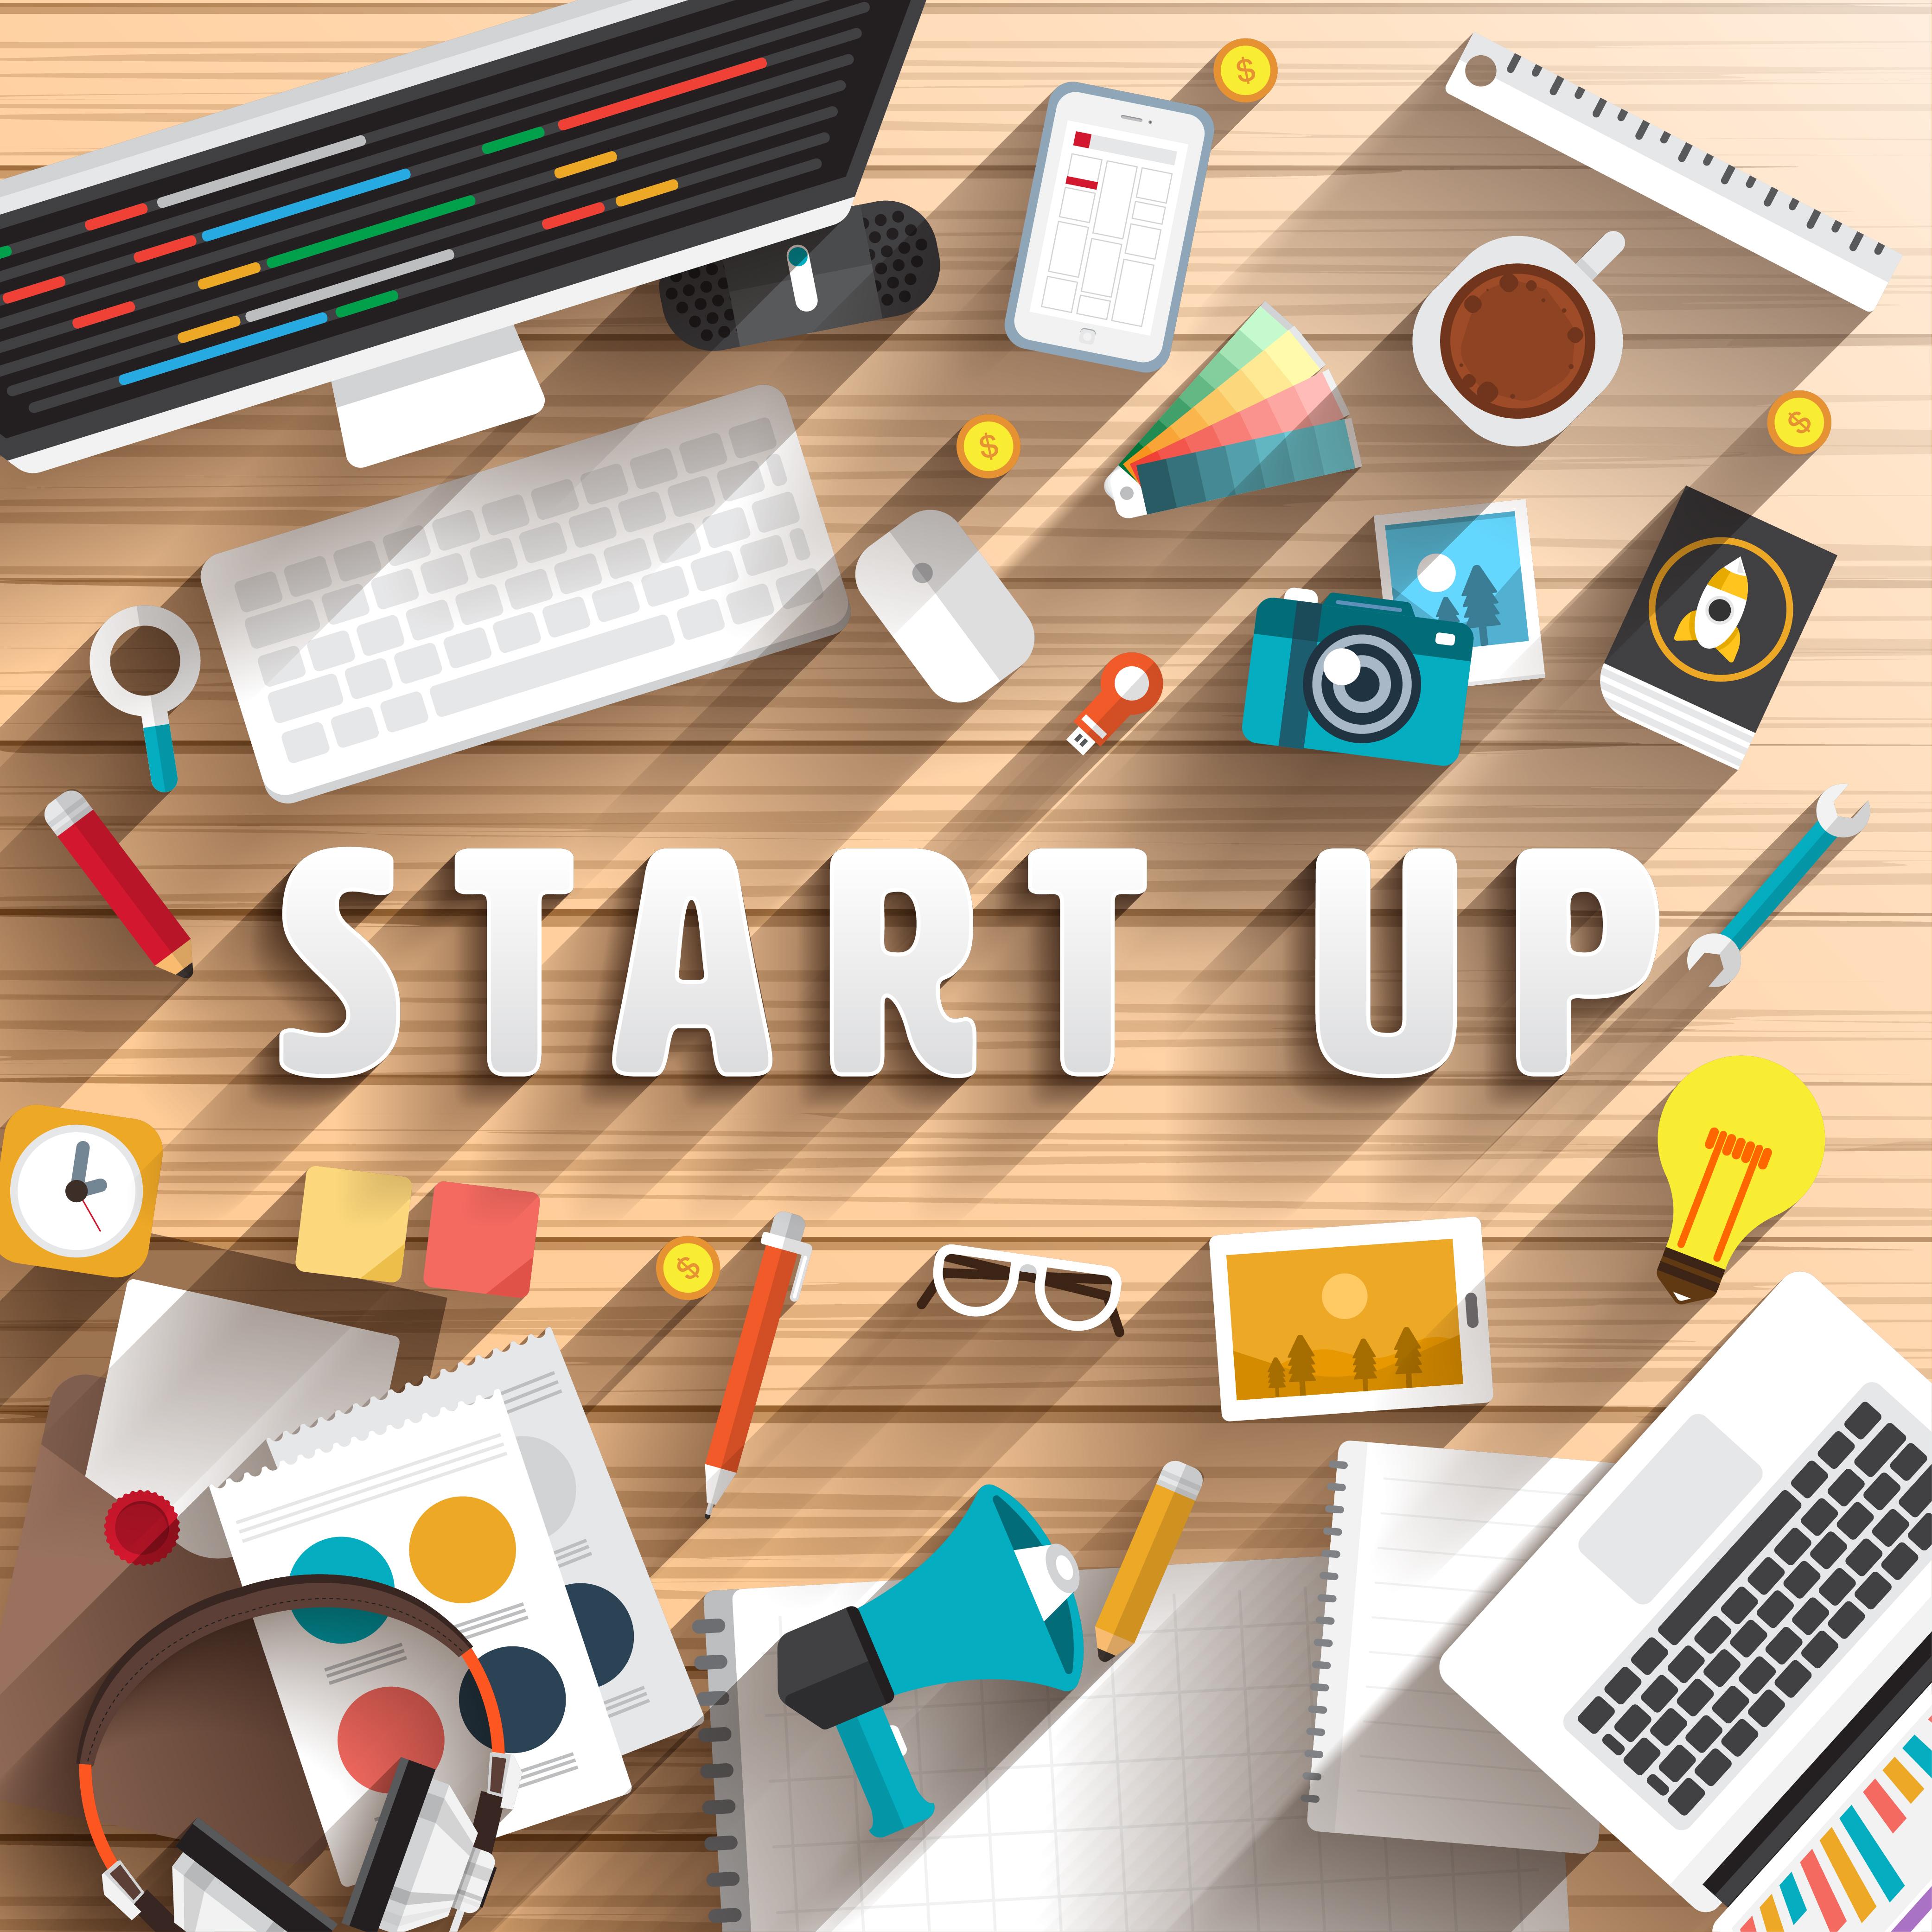 LinkAdam.com - Chia sẻ hành trang giúp tự kinh doanh thành công